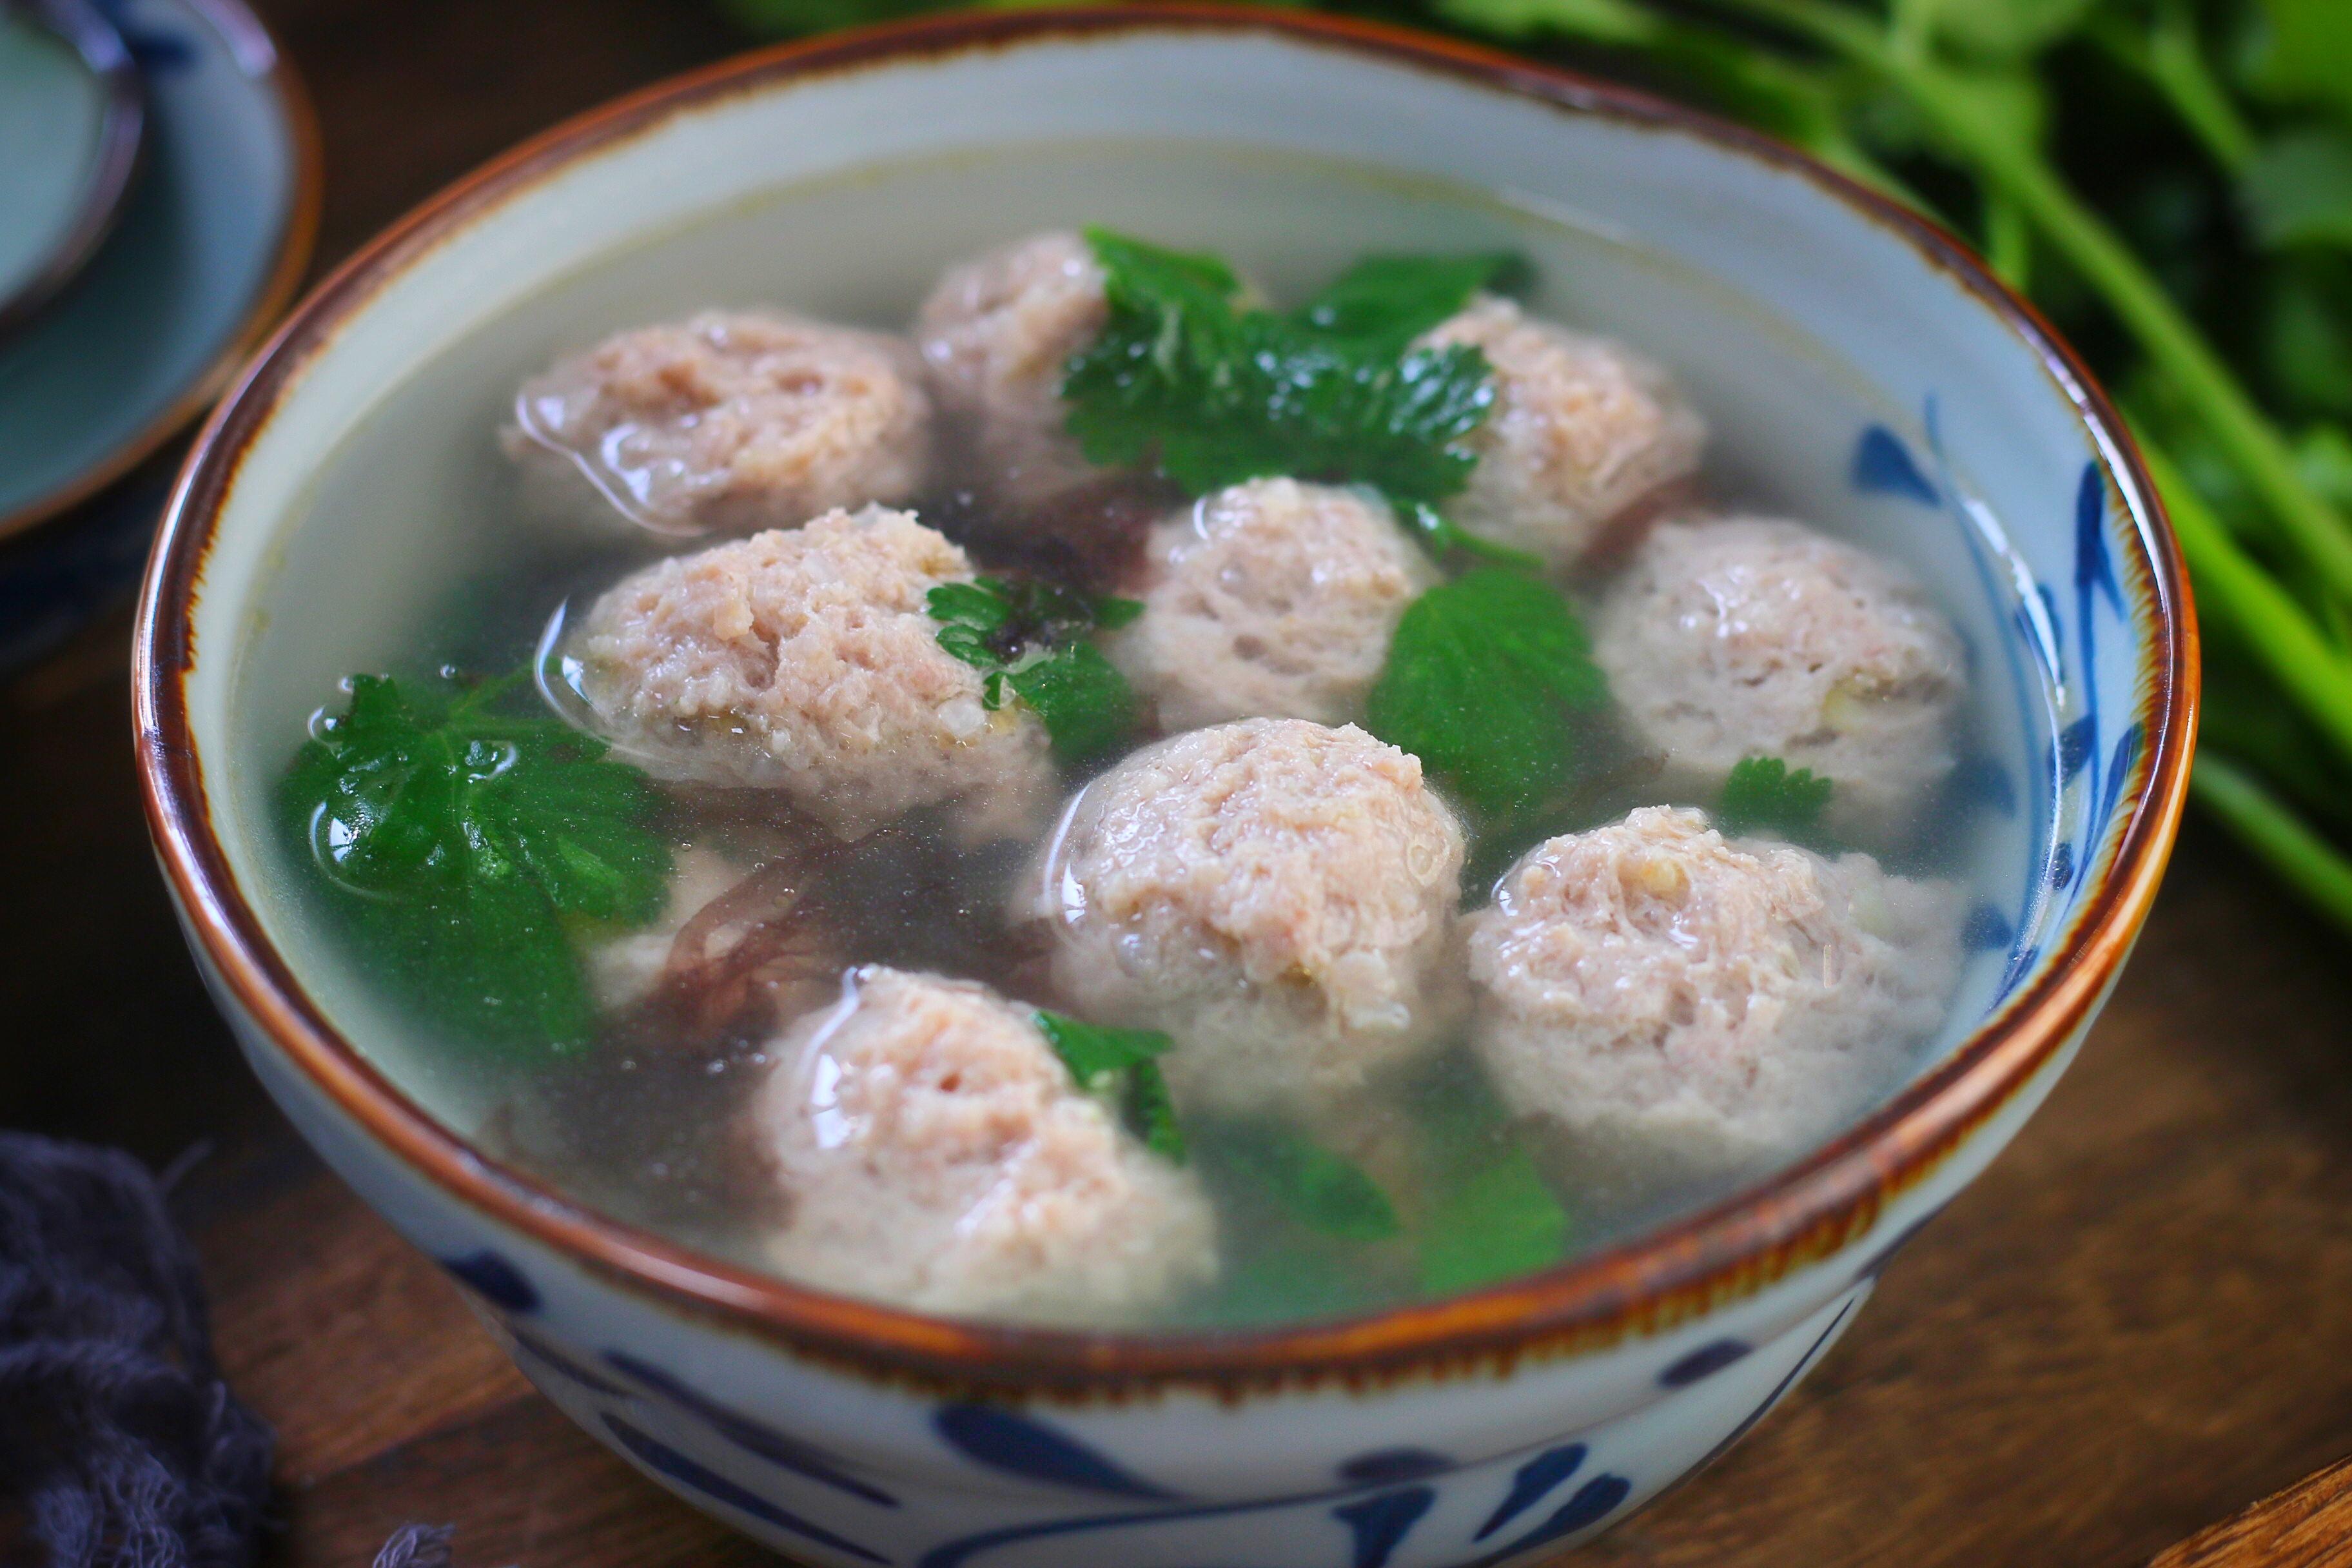 煮肉丸紫菜湯,不要加澱粉和雞精了,肉丸嫩湯鮮美,訣竅公開